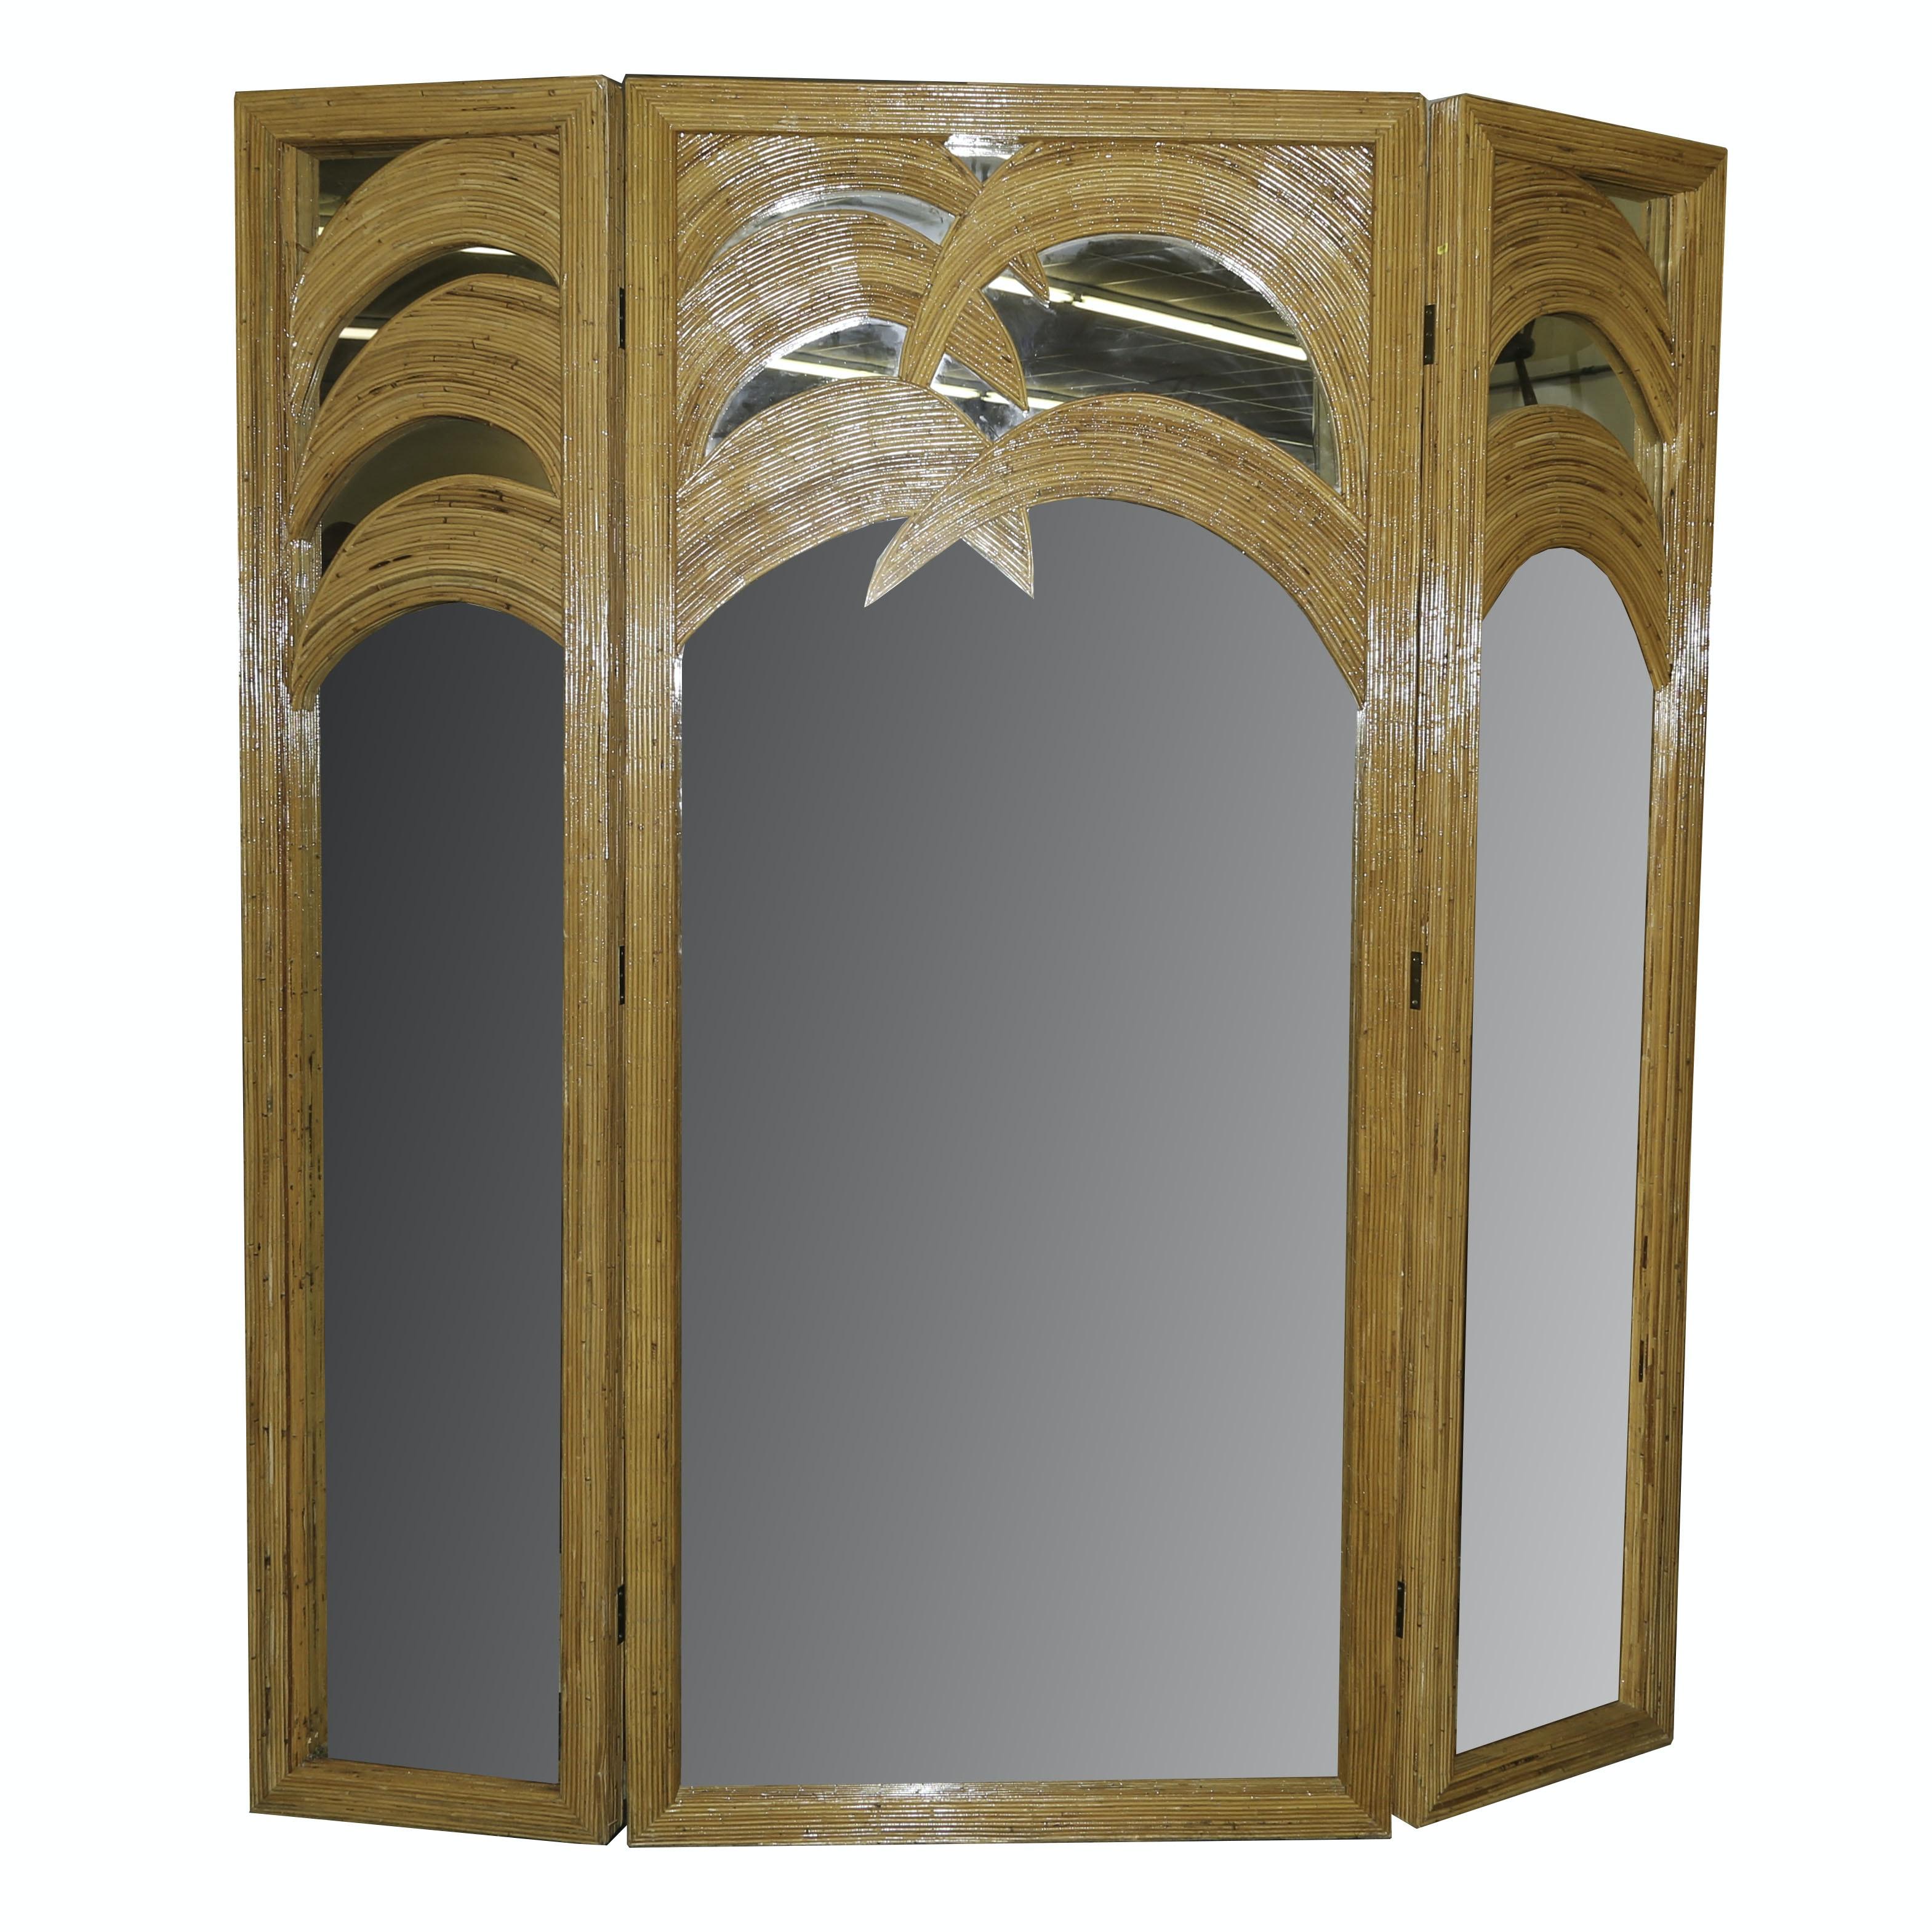 Contemporary Mirrored Rattan Screen